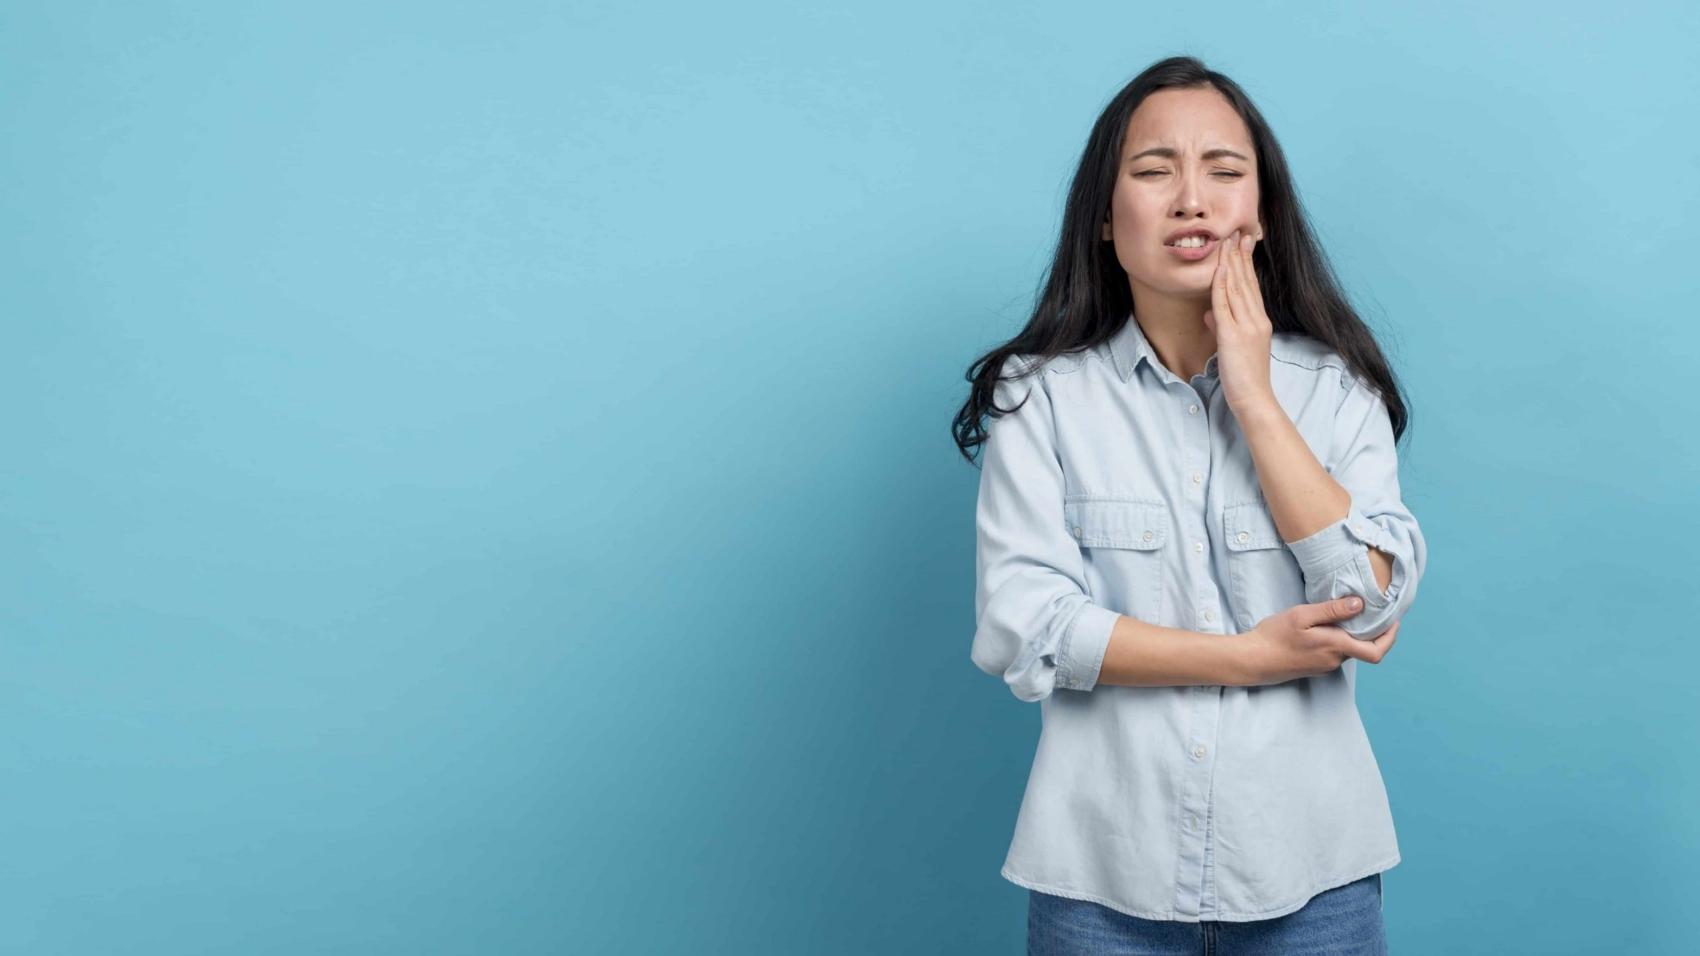 ปวดฟันทำยังไงดี